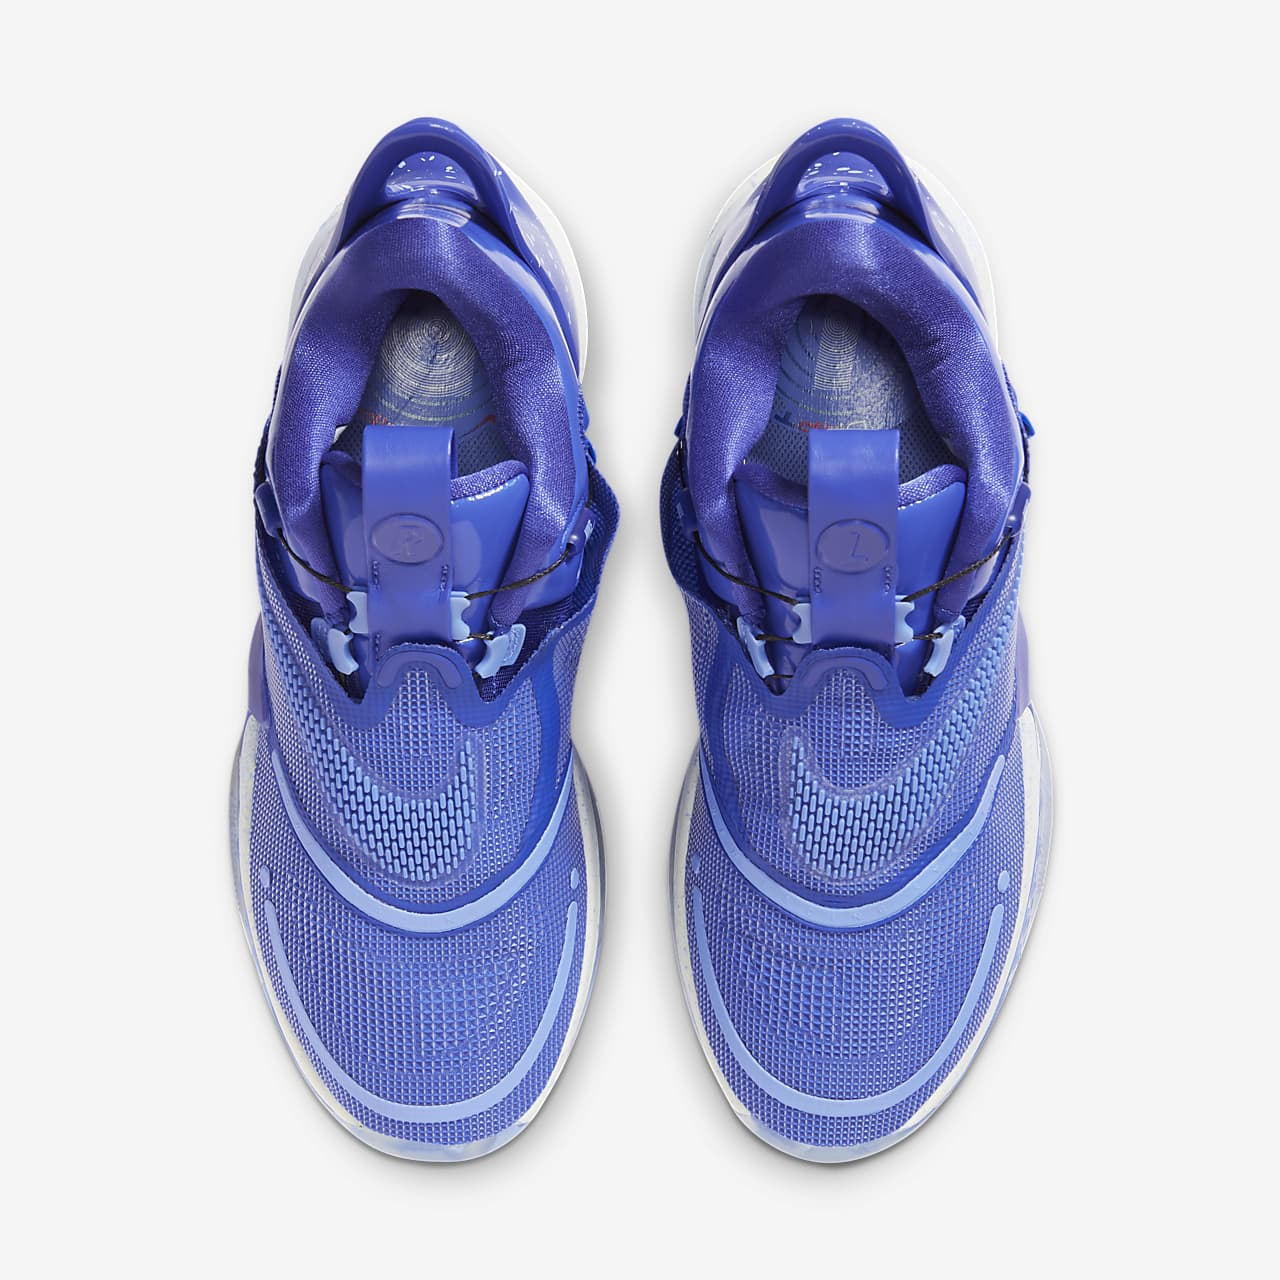 유럽직배송 나이키 NIKE Nike Adapt BB 2.0 Basketball Shoe CV2444-400